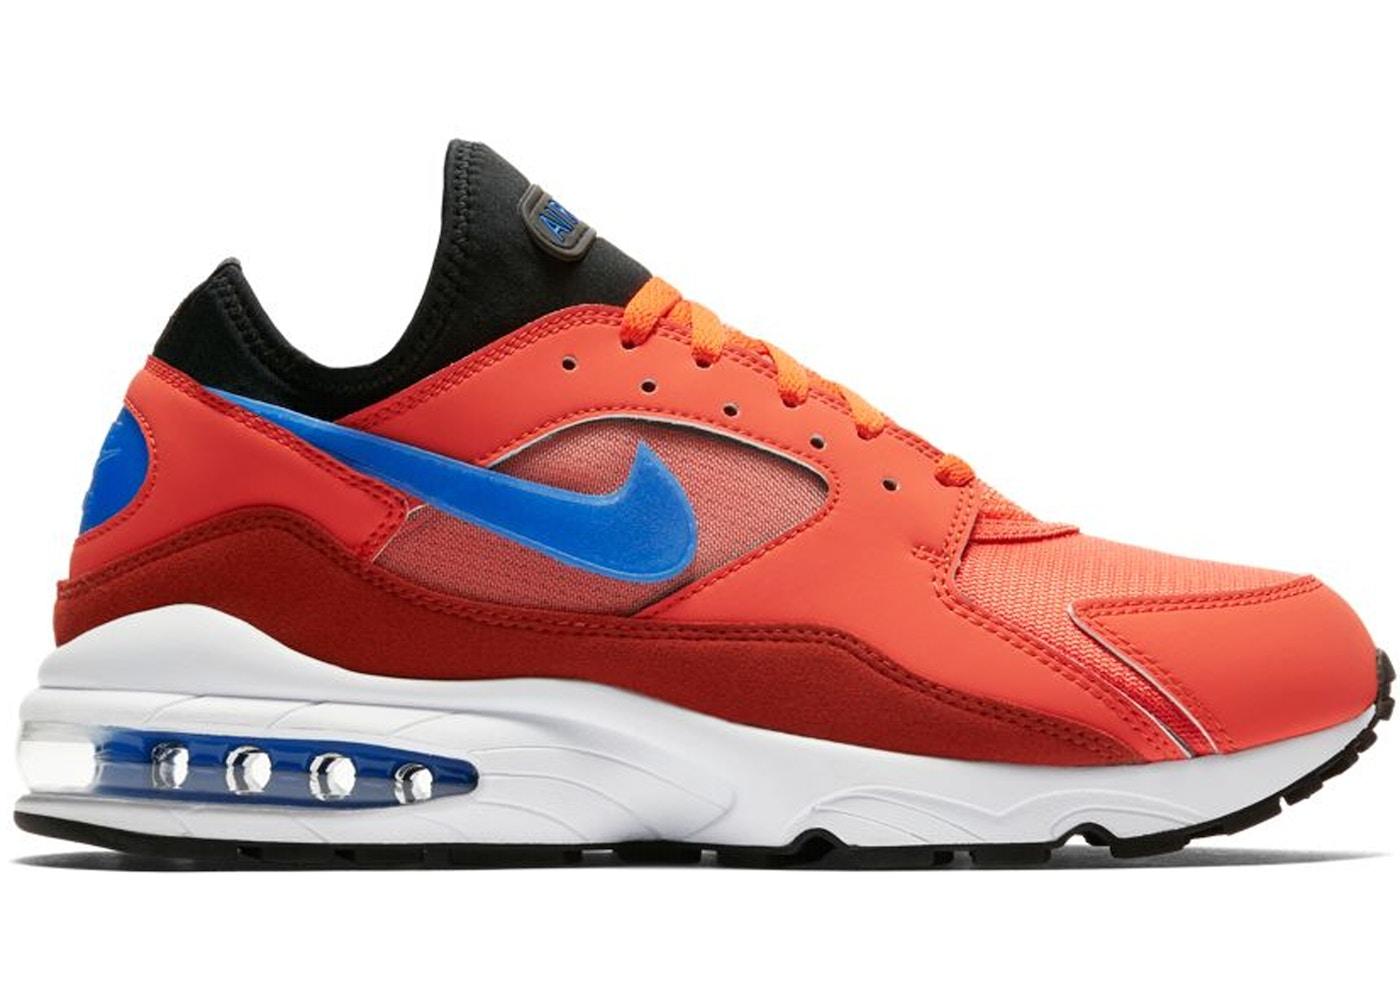 Nike Air Max 93 Vintage Coral - 306551-800